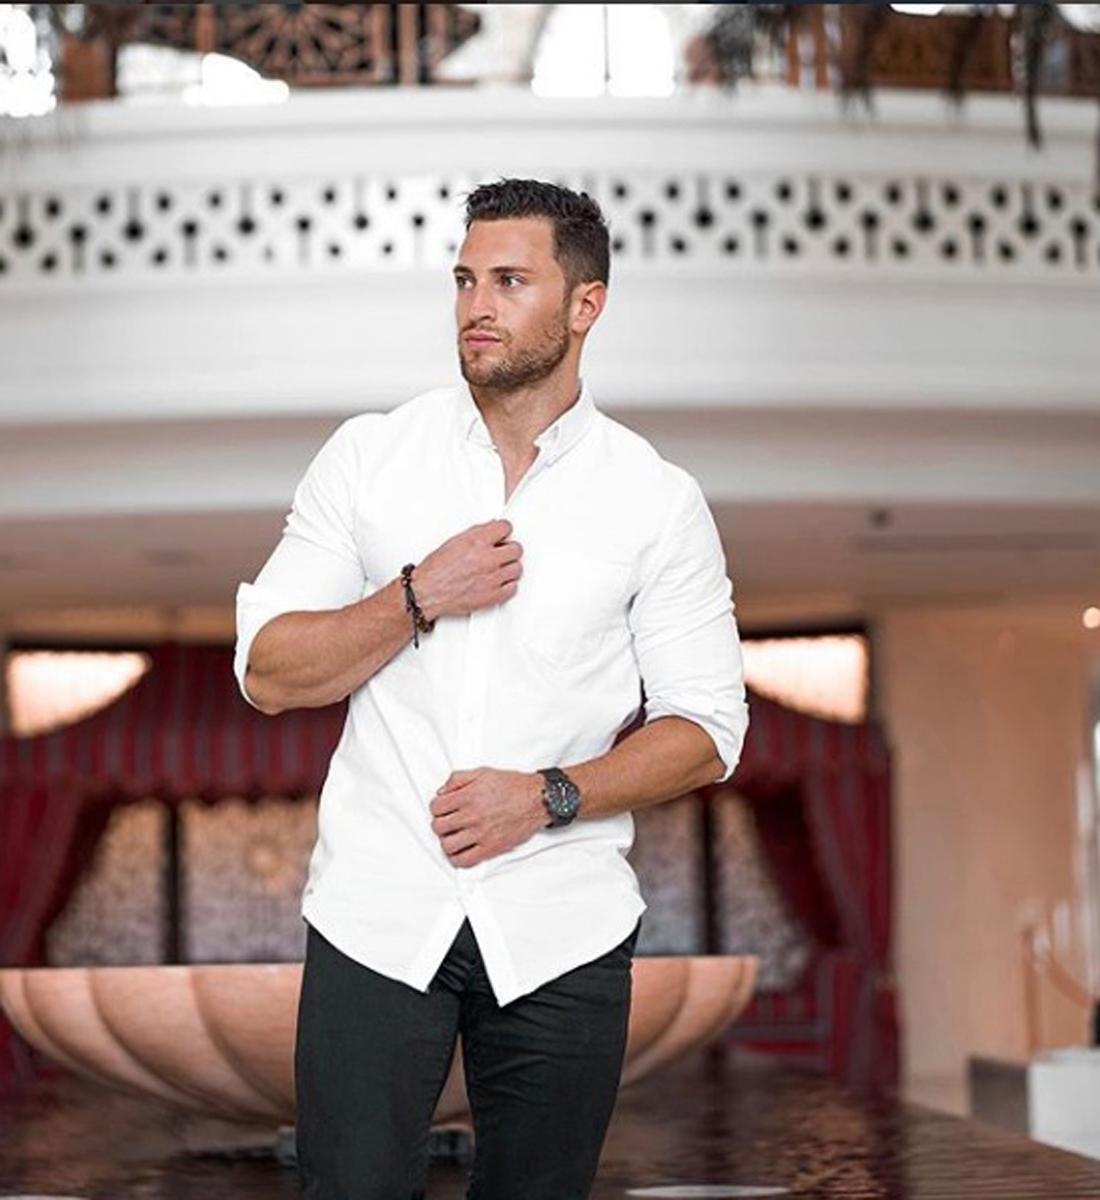 2bed19964125 10 tips για να φορέσεις σωστά το λευκό σου πουκάμισο! - Activeman